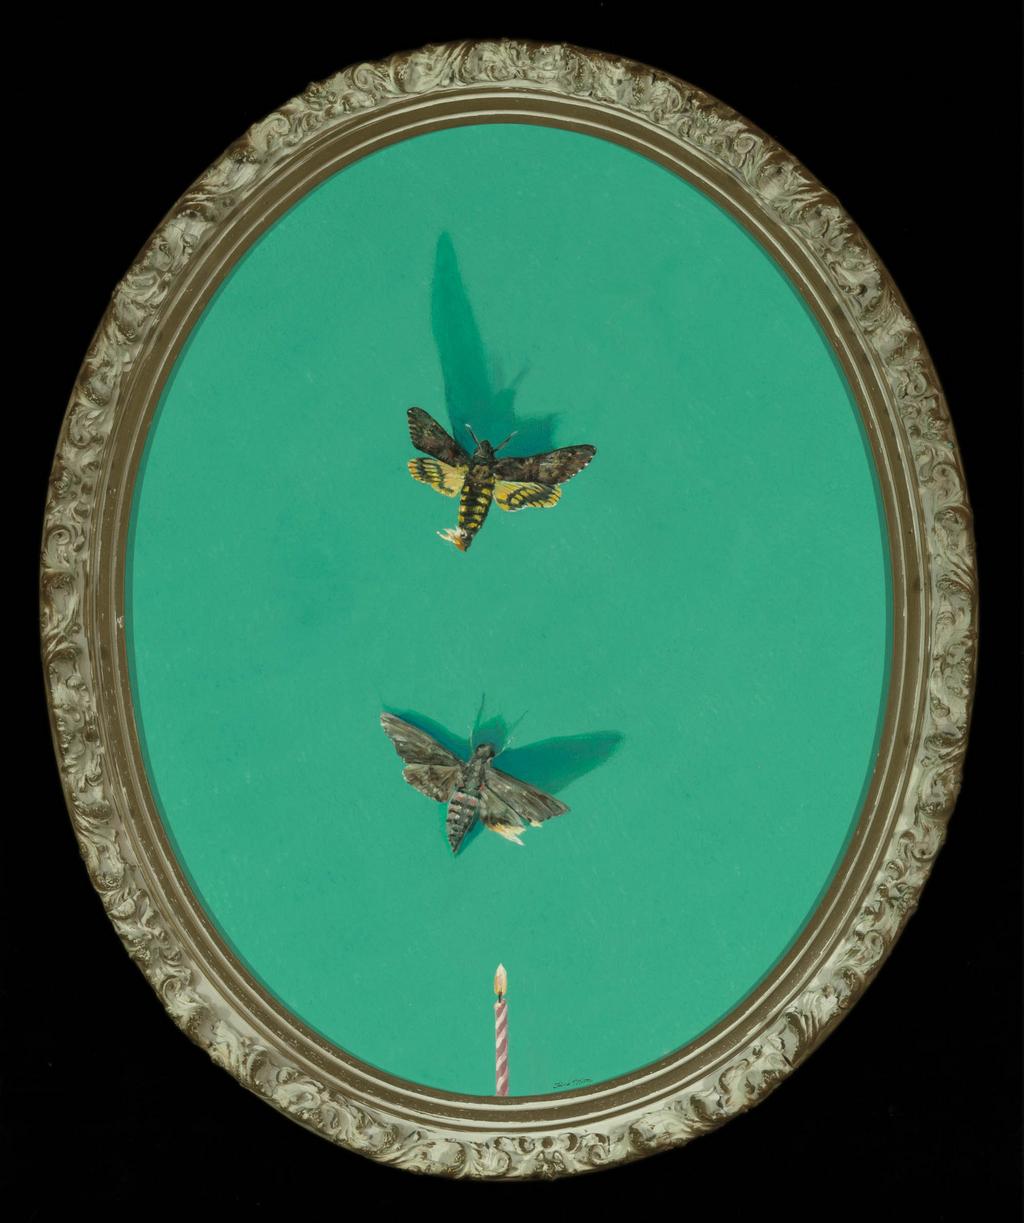 Suicide Moth tina mion art